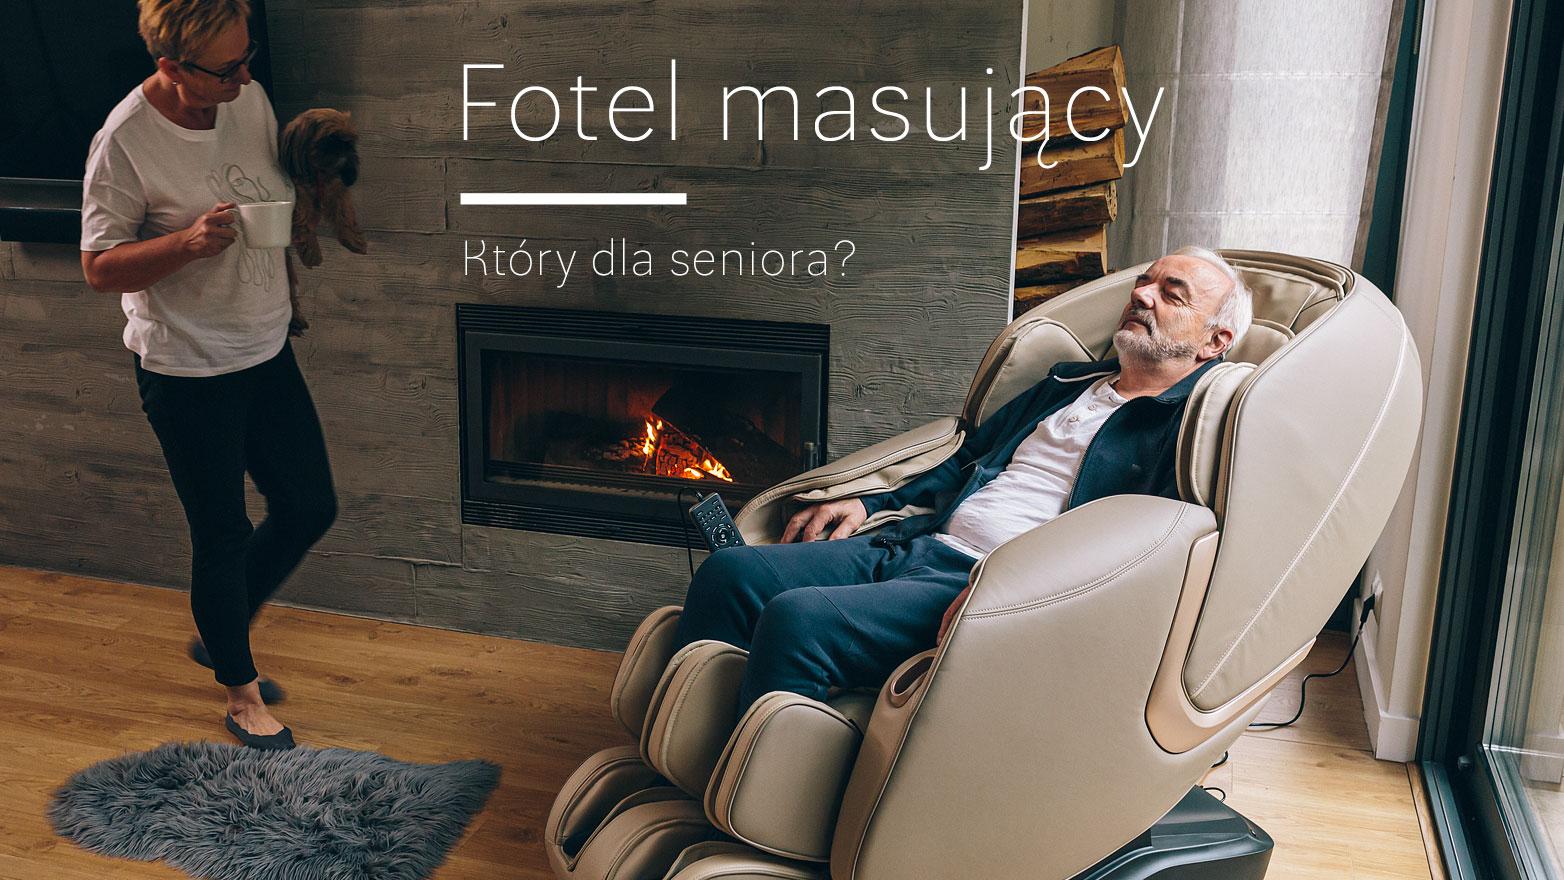 Fotel masujący dla seniora